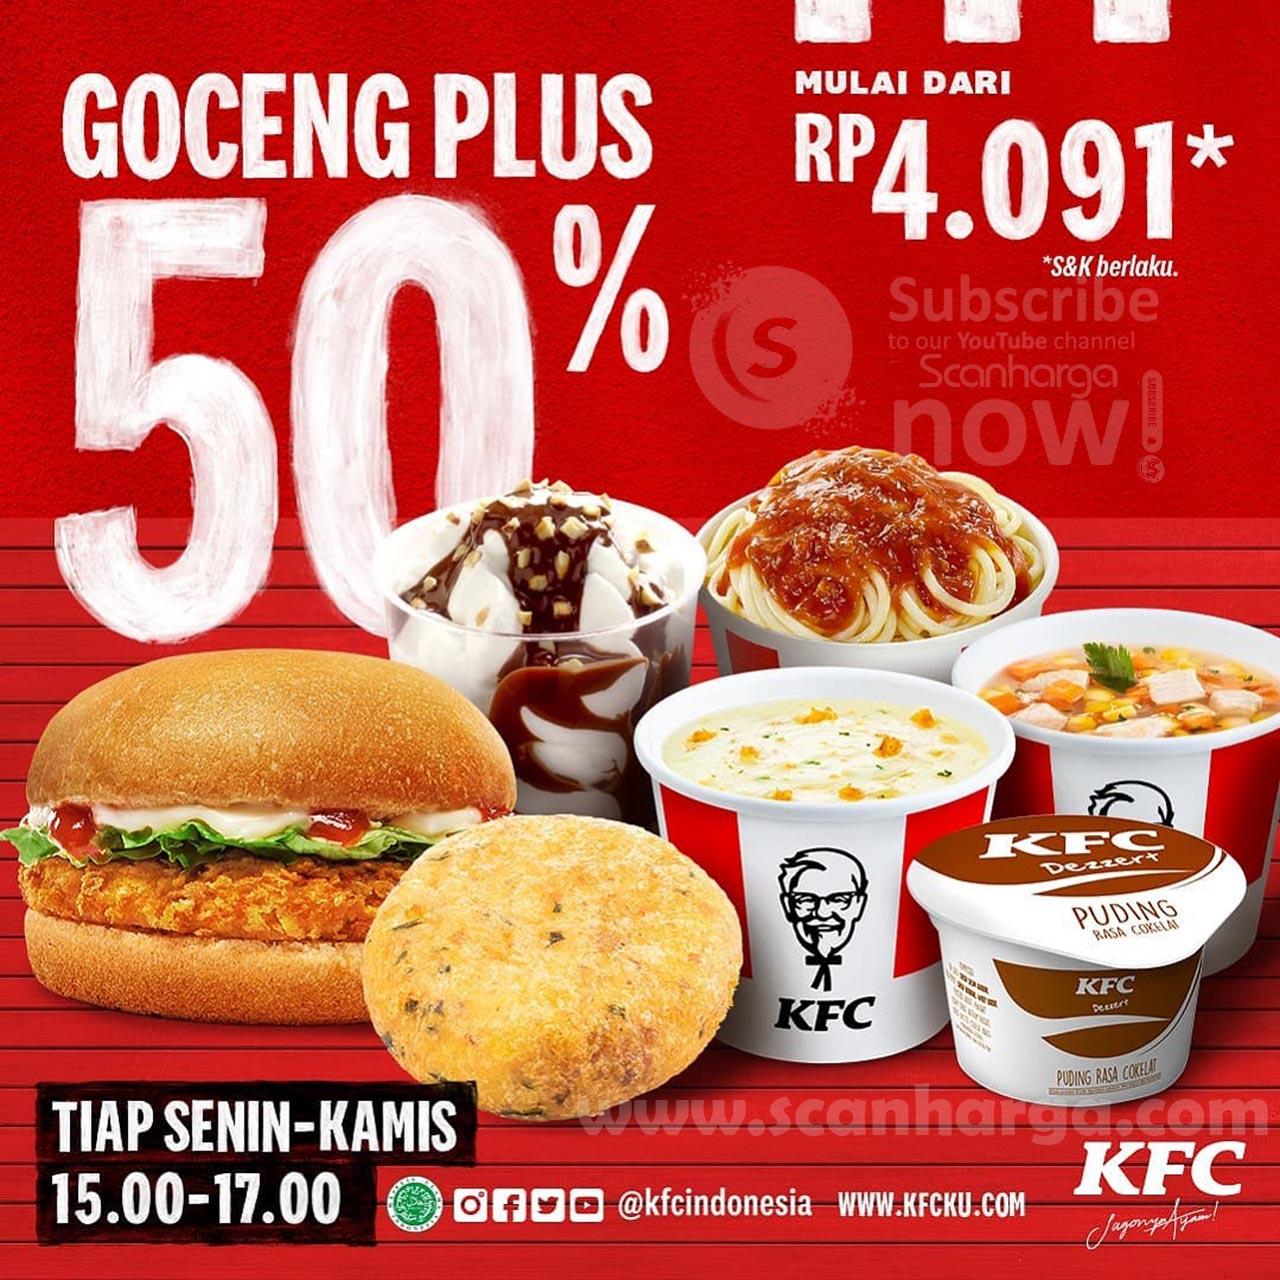 KFC GOCENG PLUS Harga Promo mulai Rp. 4.091 Aja